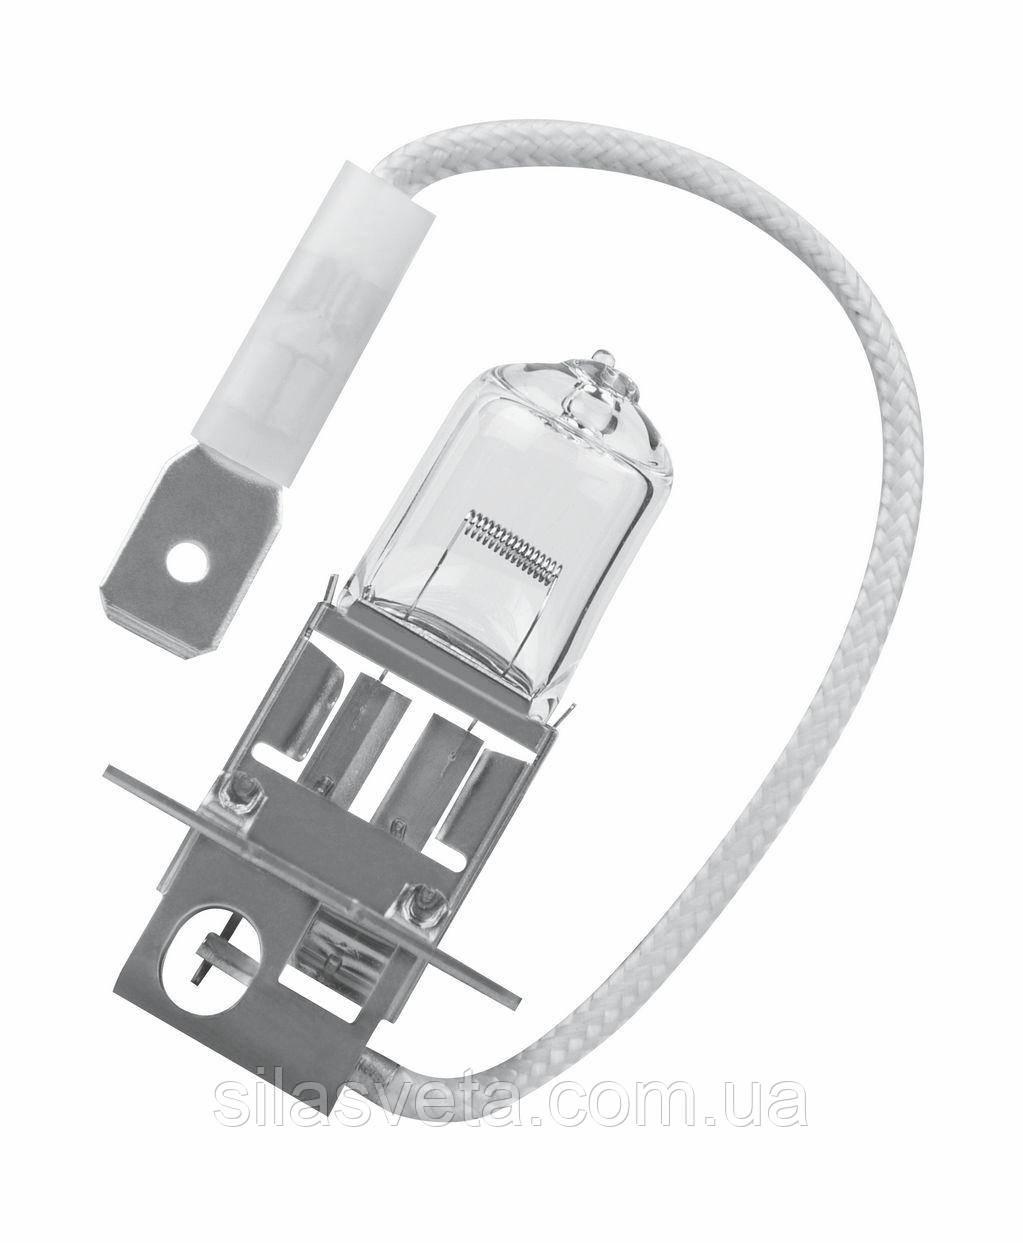 """Автомобильная  лампа """"Neolux"""" (H3)(12V)(55W)"""